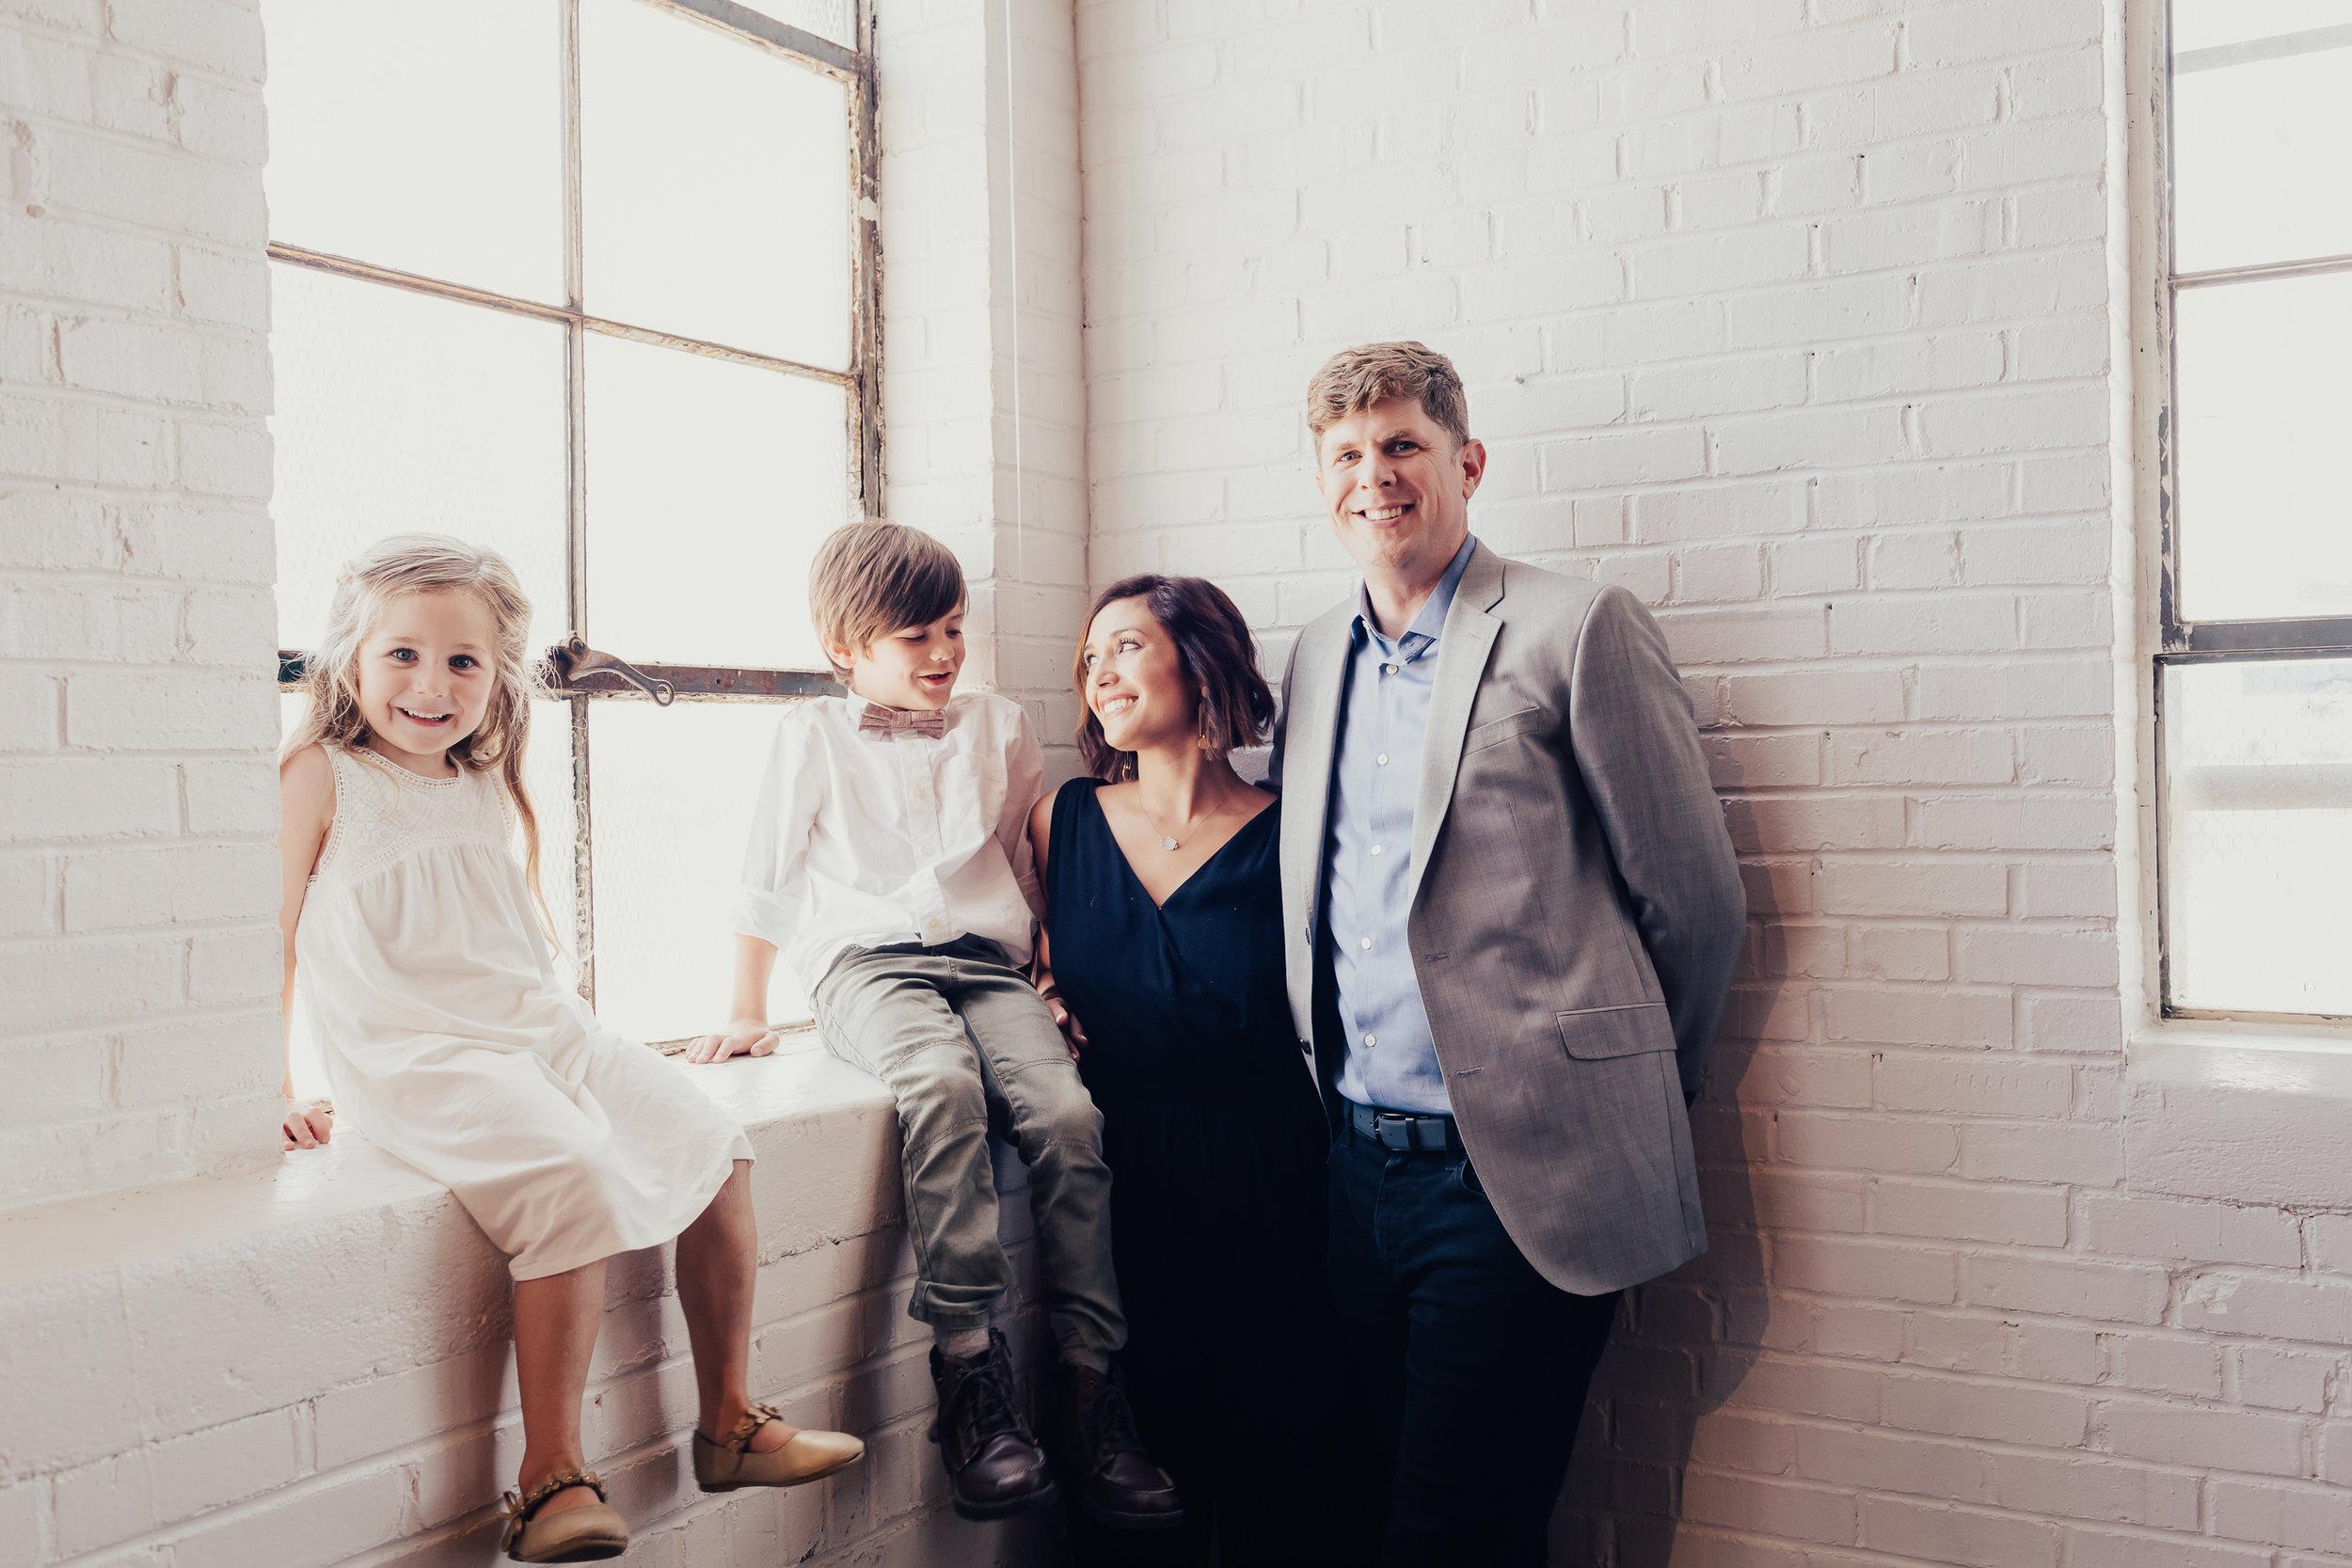 Gianna Keiko Atlanta Family Studio Portrait Photographer-14.jpg